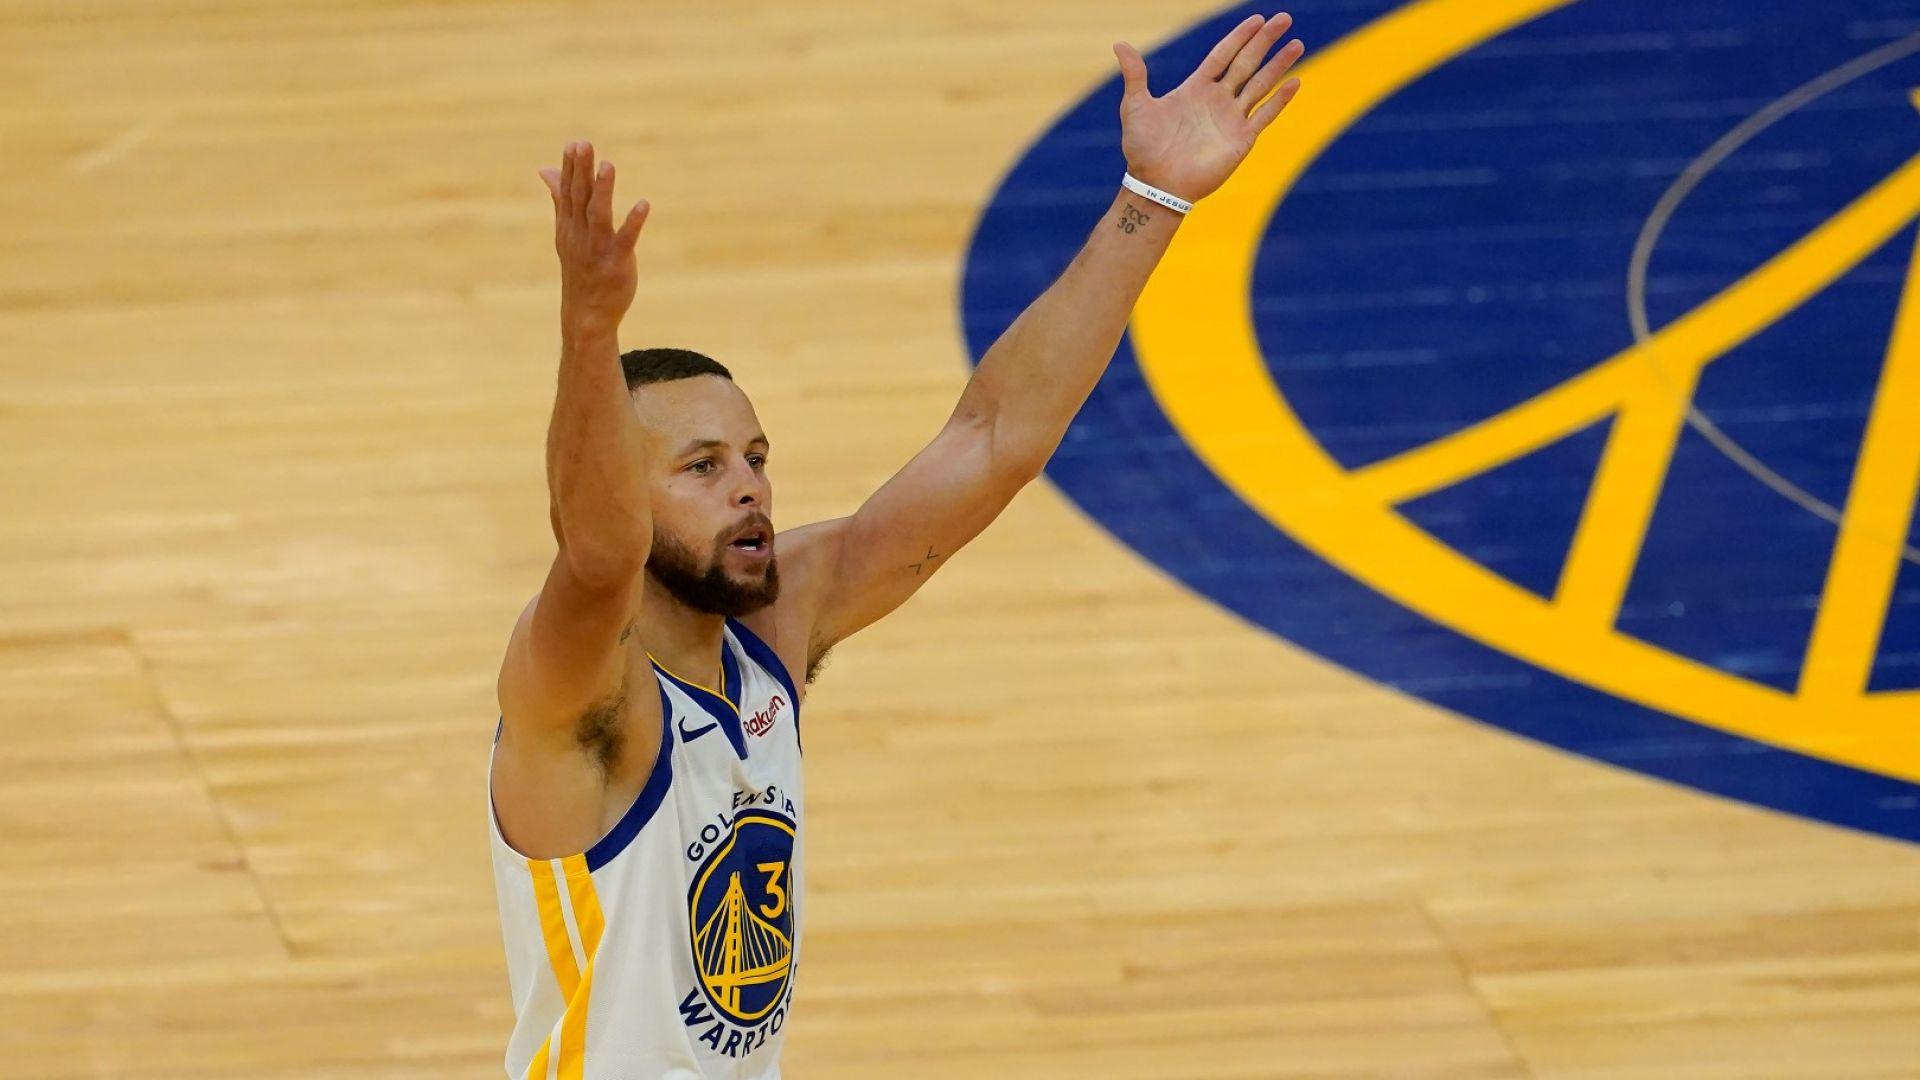 Двете суперзвезди на НБА се изправят в пряк дуел за място в плейофите